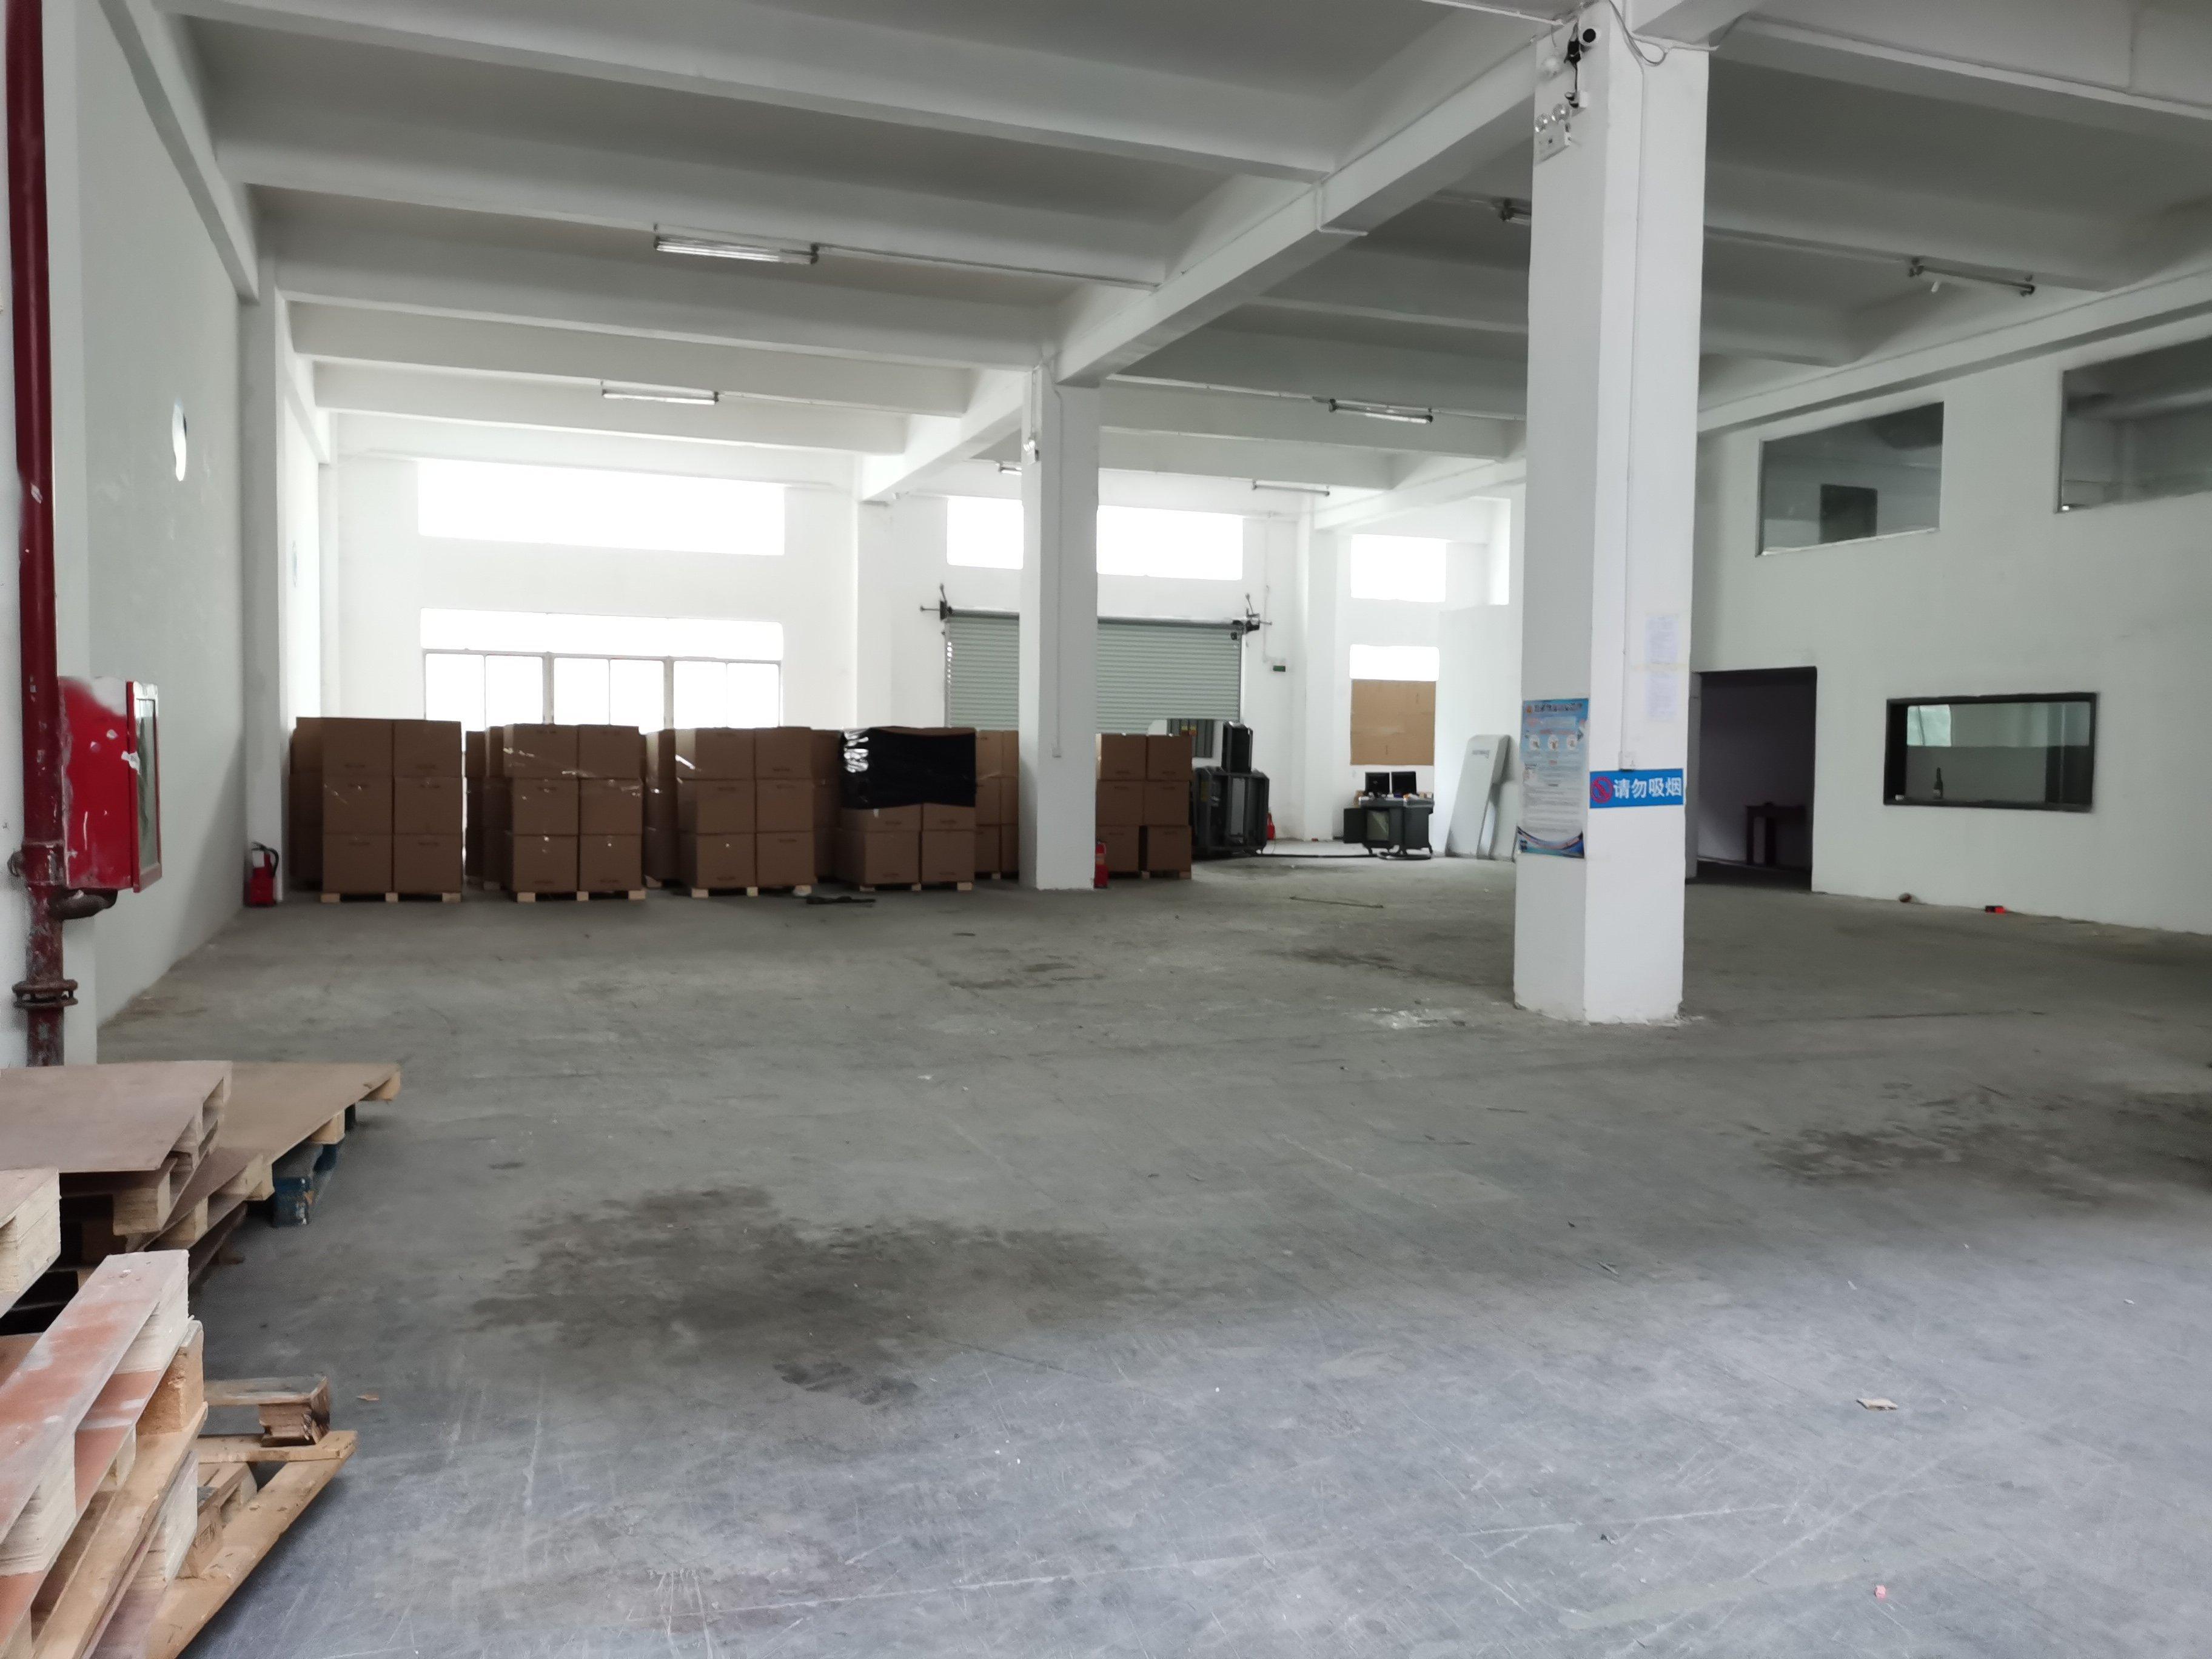 福永和平新出一楼1200平方物流仓库,现成装修,拎包入住